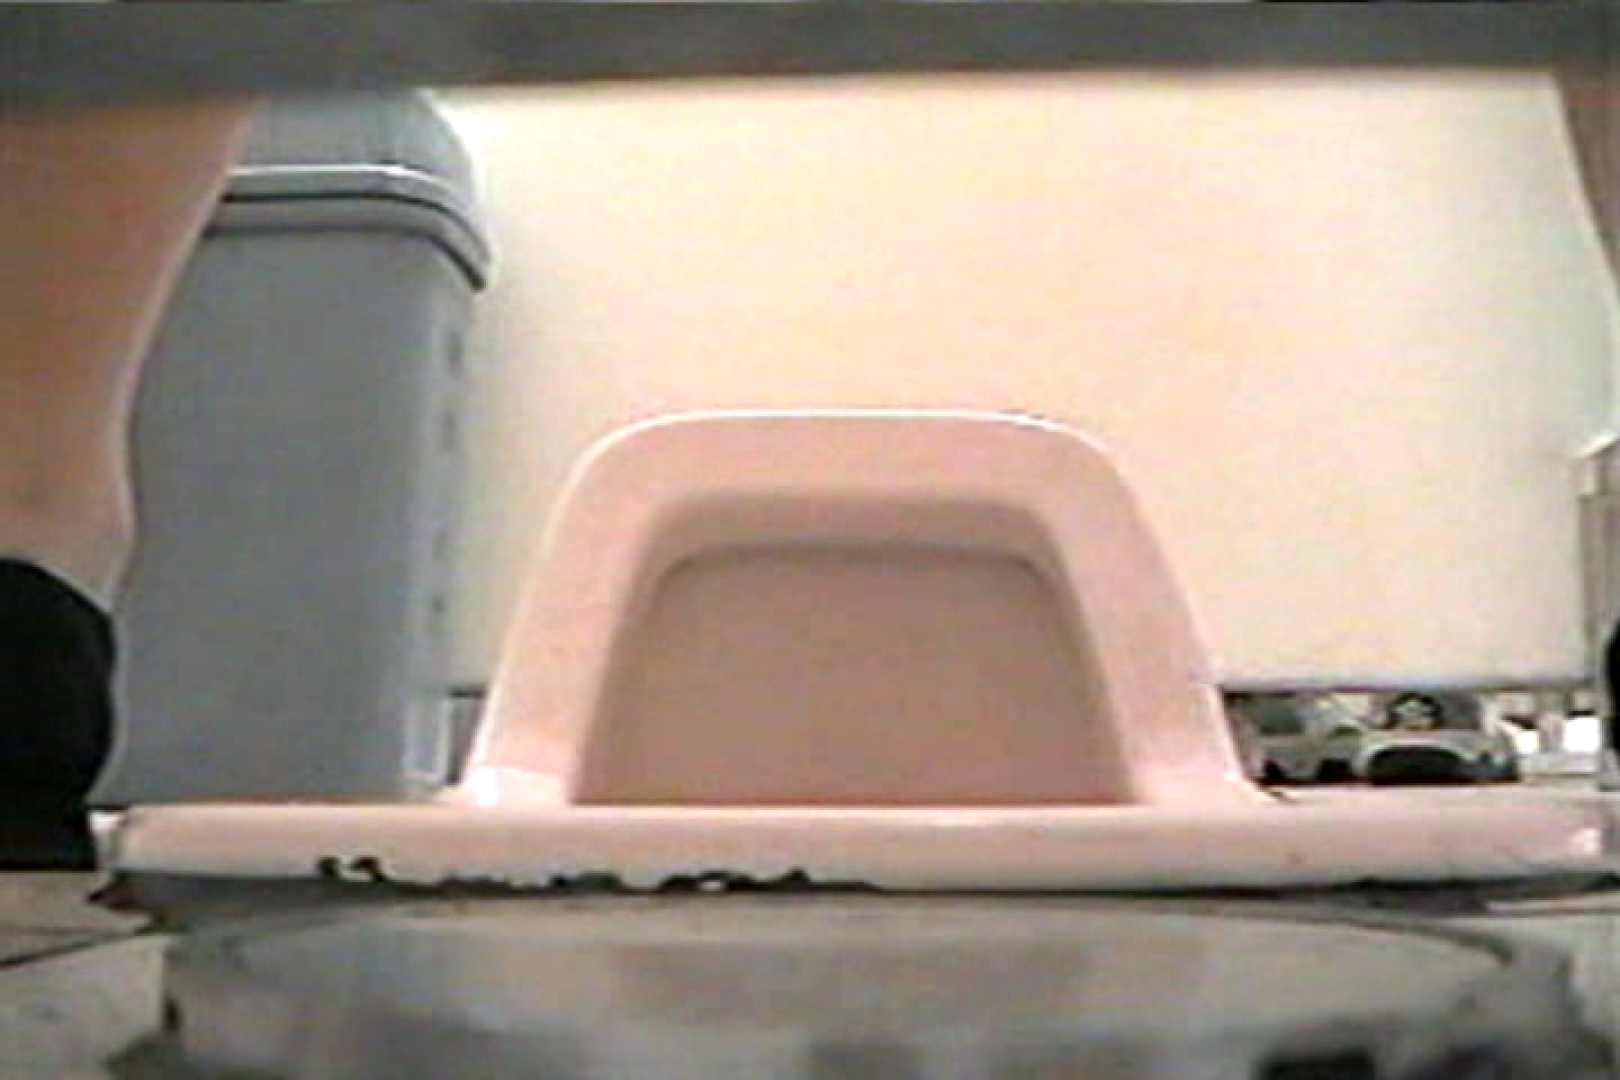 亀さんの秘蔵コレクションVol.3 洗面所突入 AV動画キャプチャ 102pic 98